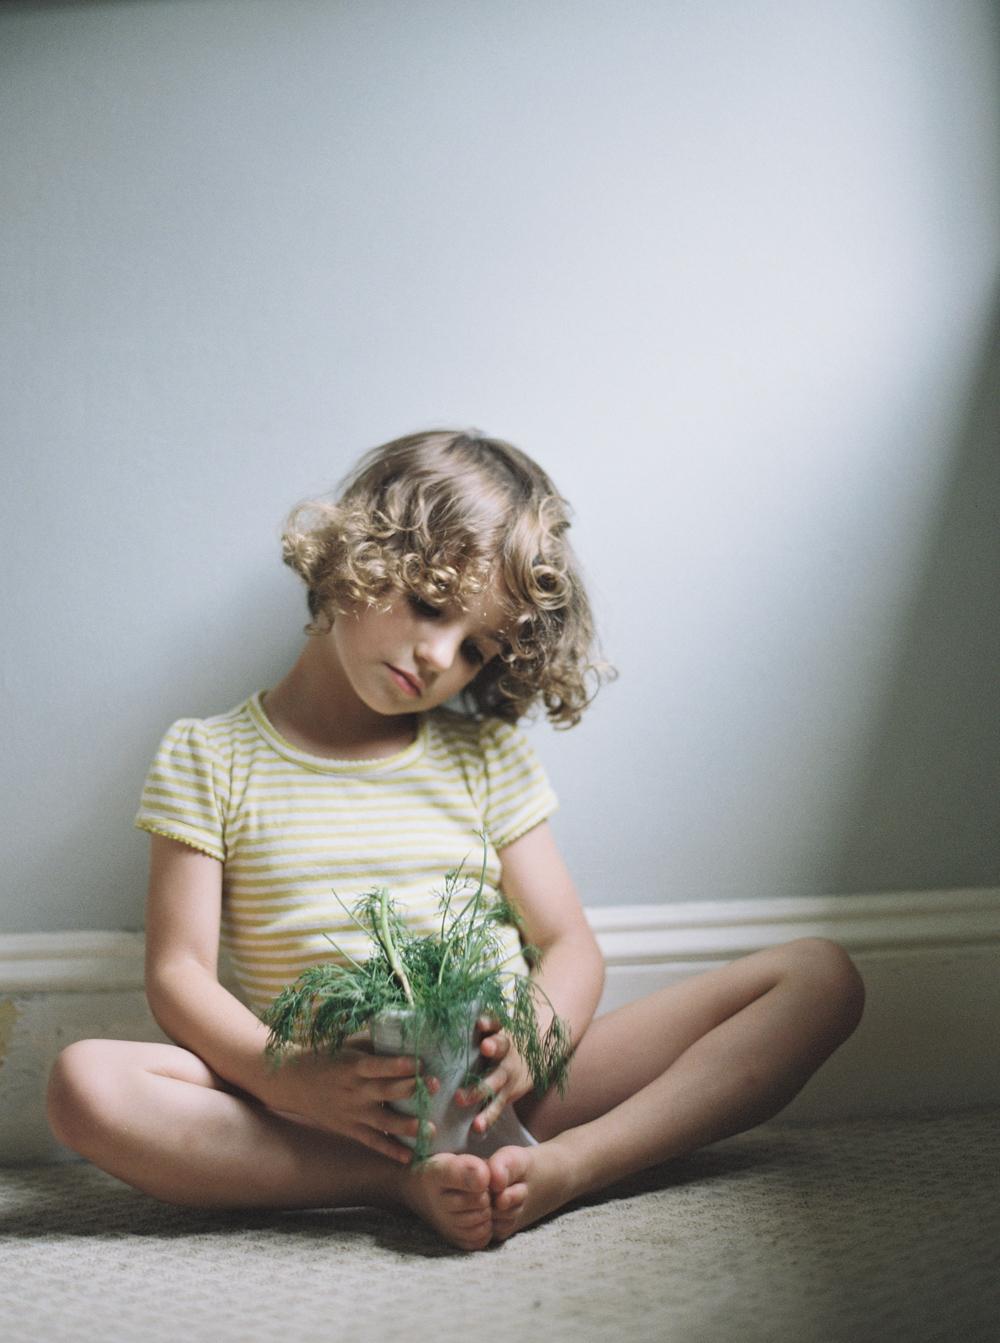 cristina-lozito-photography-families-11.jpg